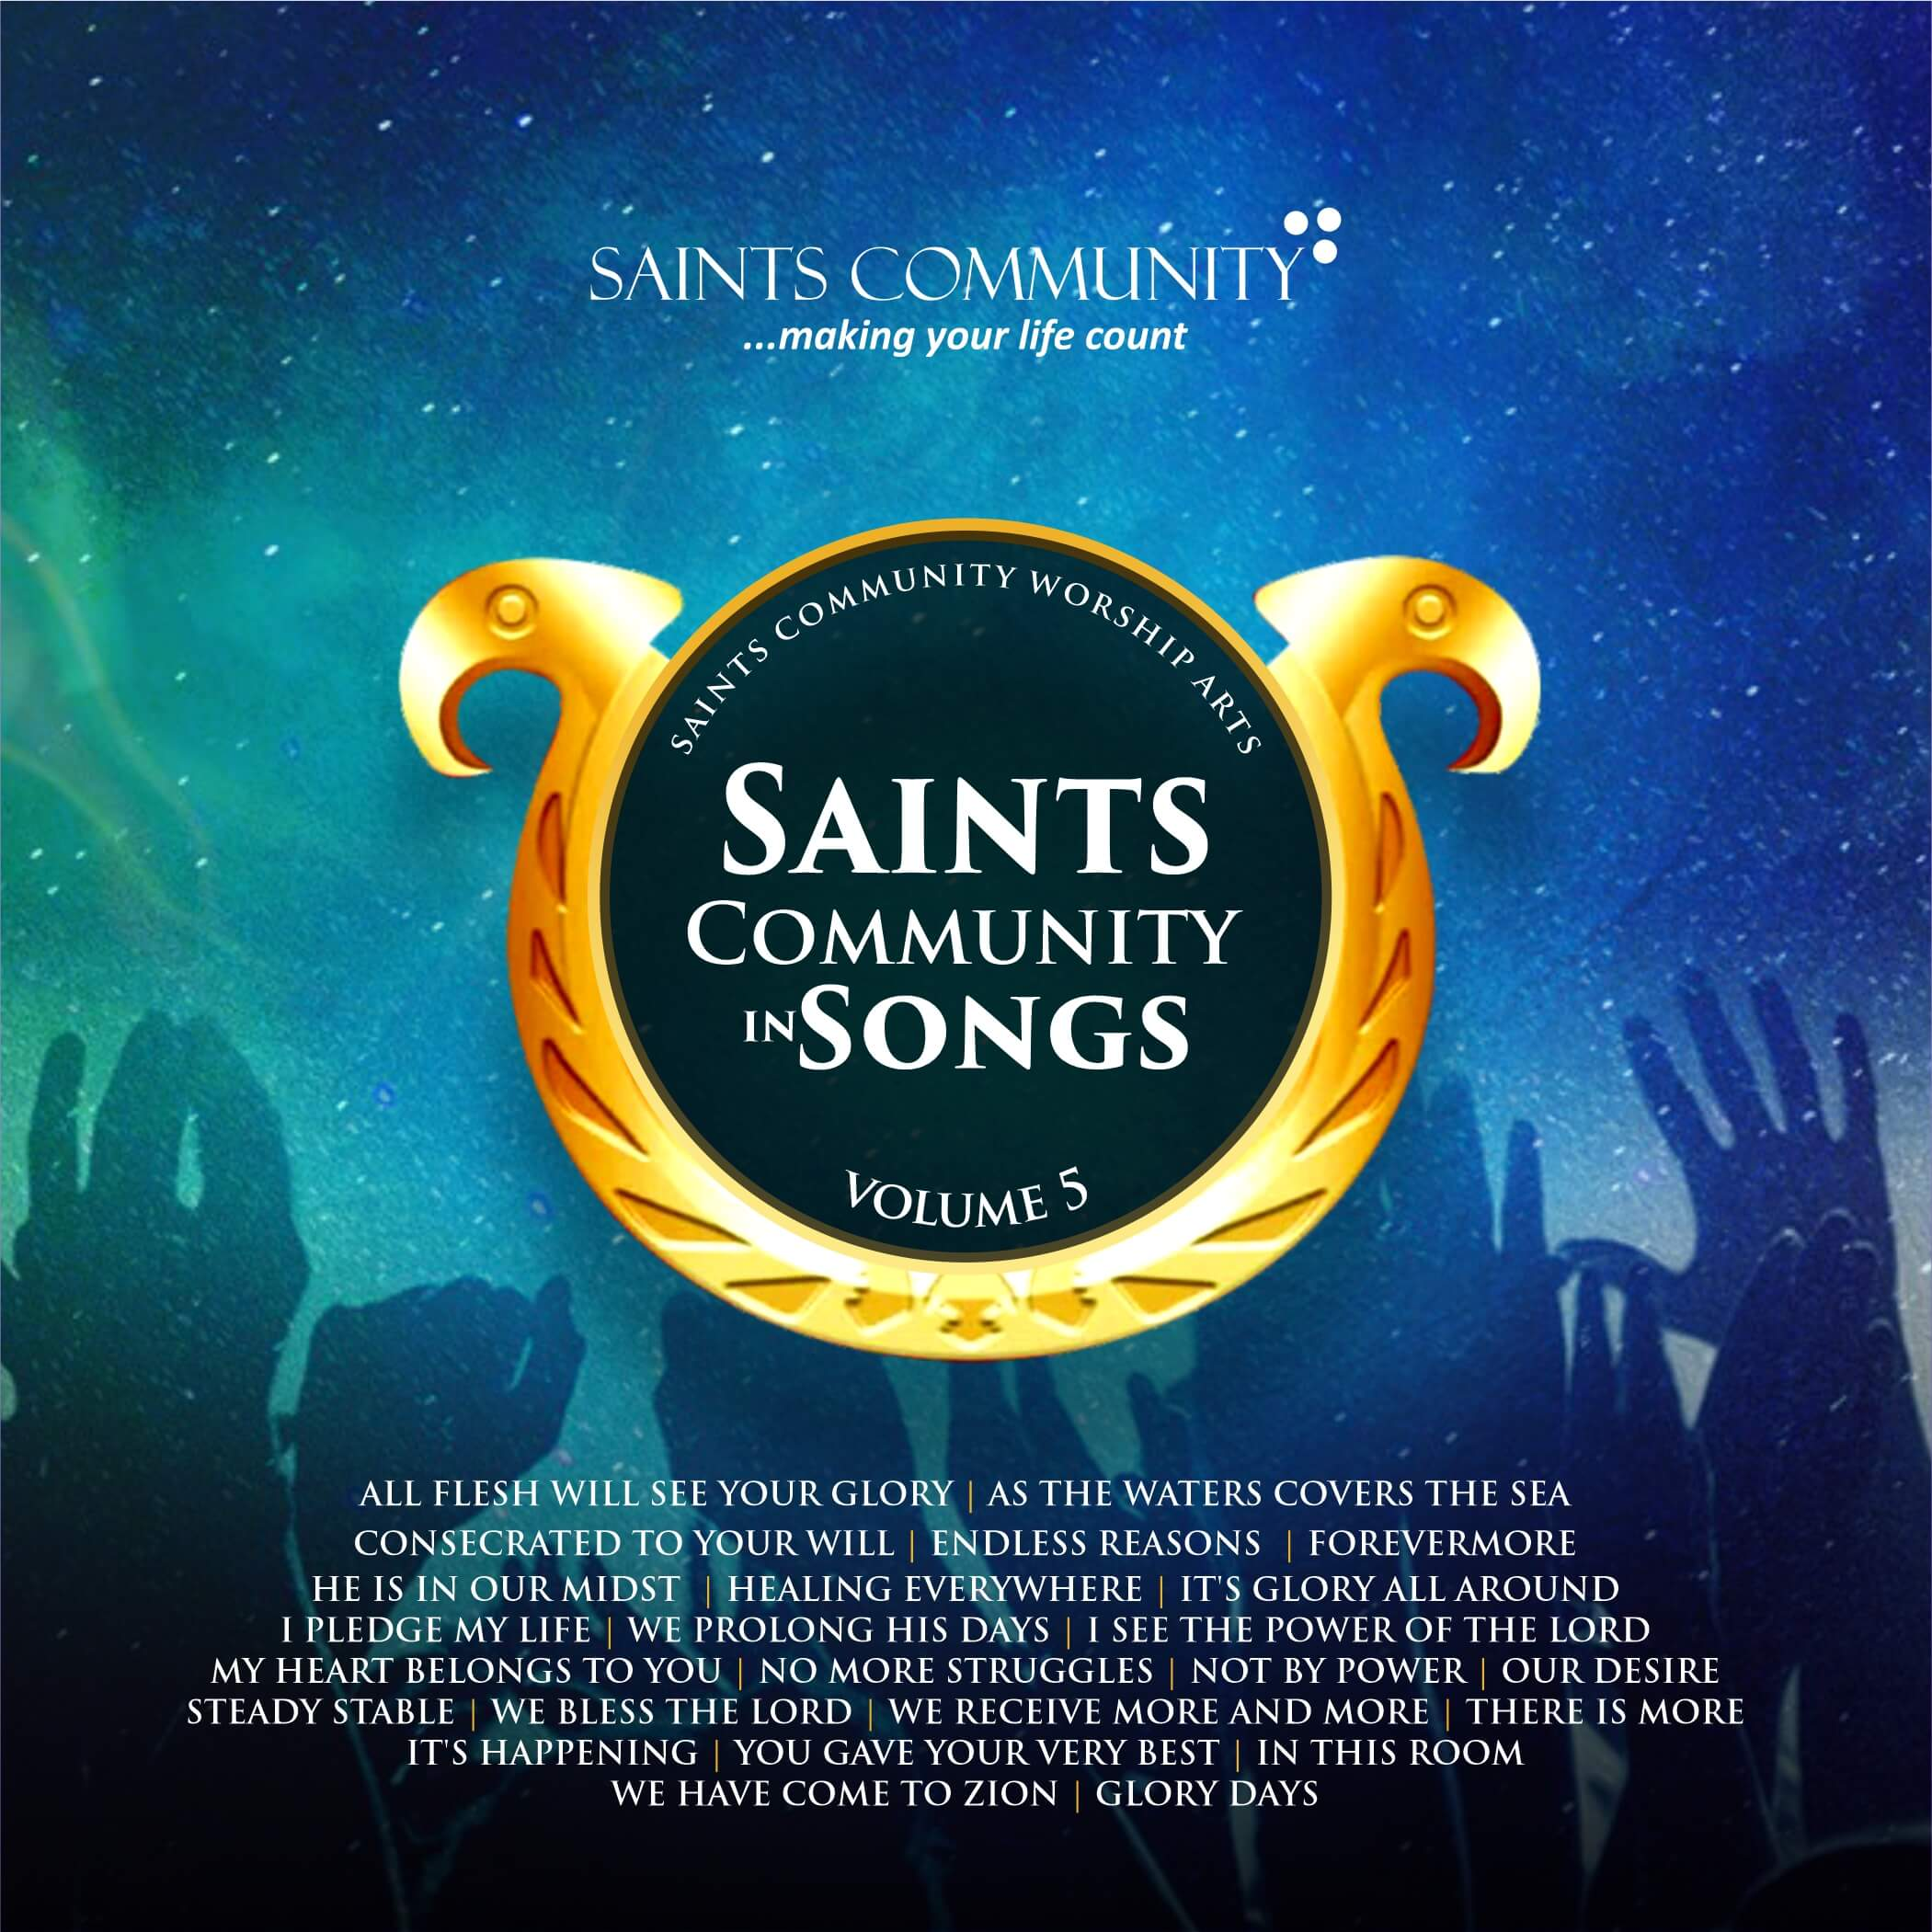 Saints Community in Songs Volume Five